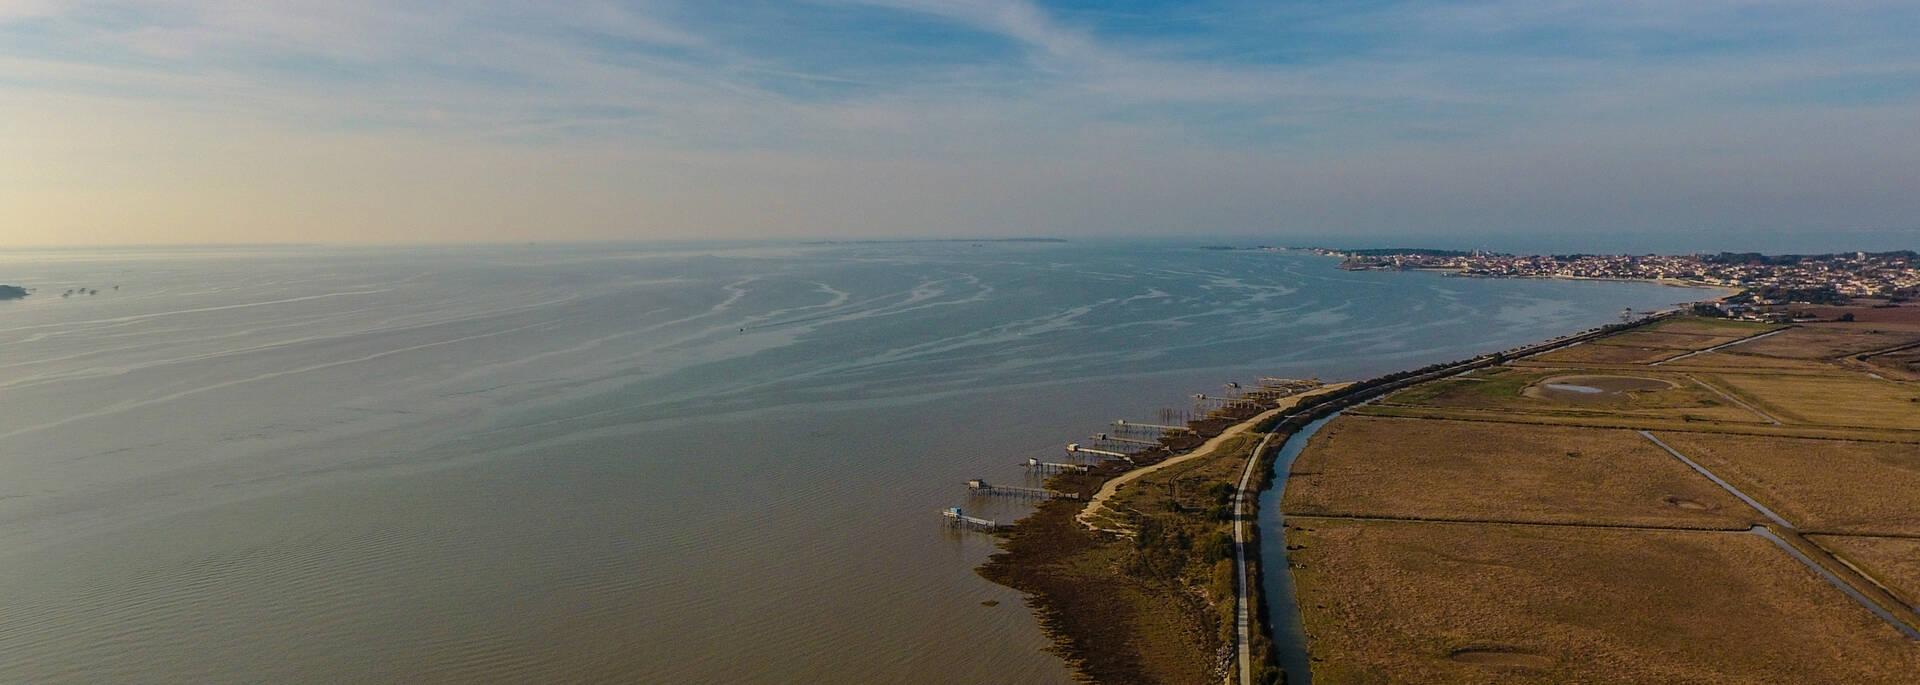 Vue aérienne du chemin de l'estuaire de la Charente avec Fouras-les-Bains en arrière plan - © Images & Émotion